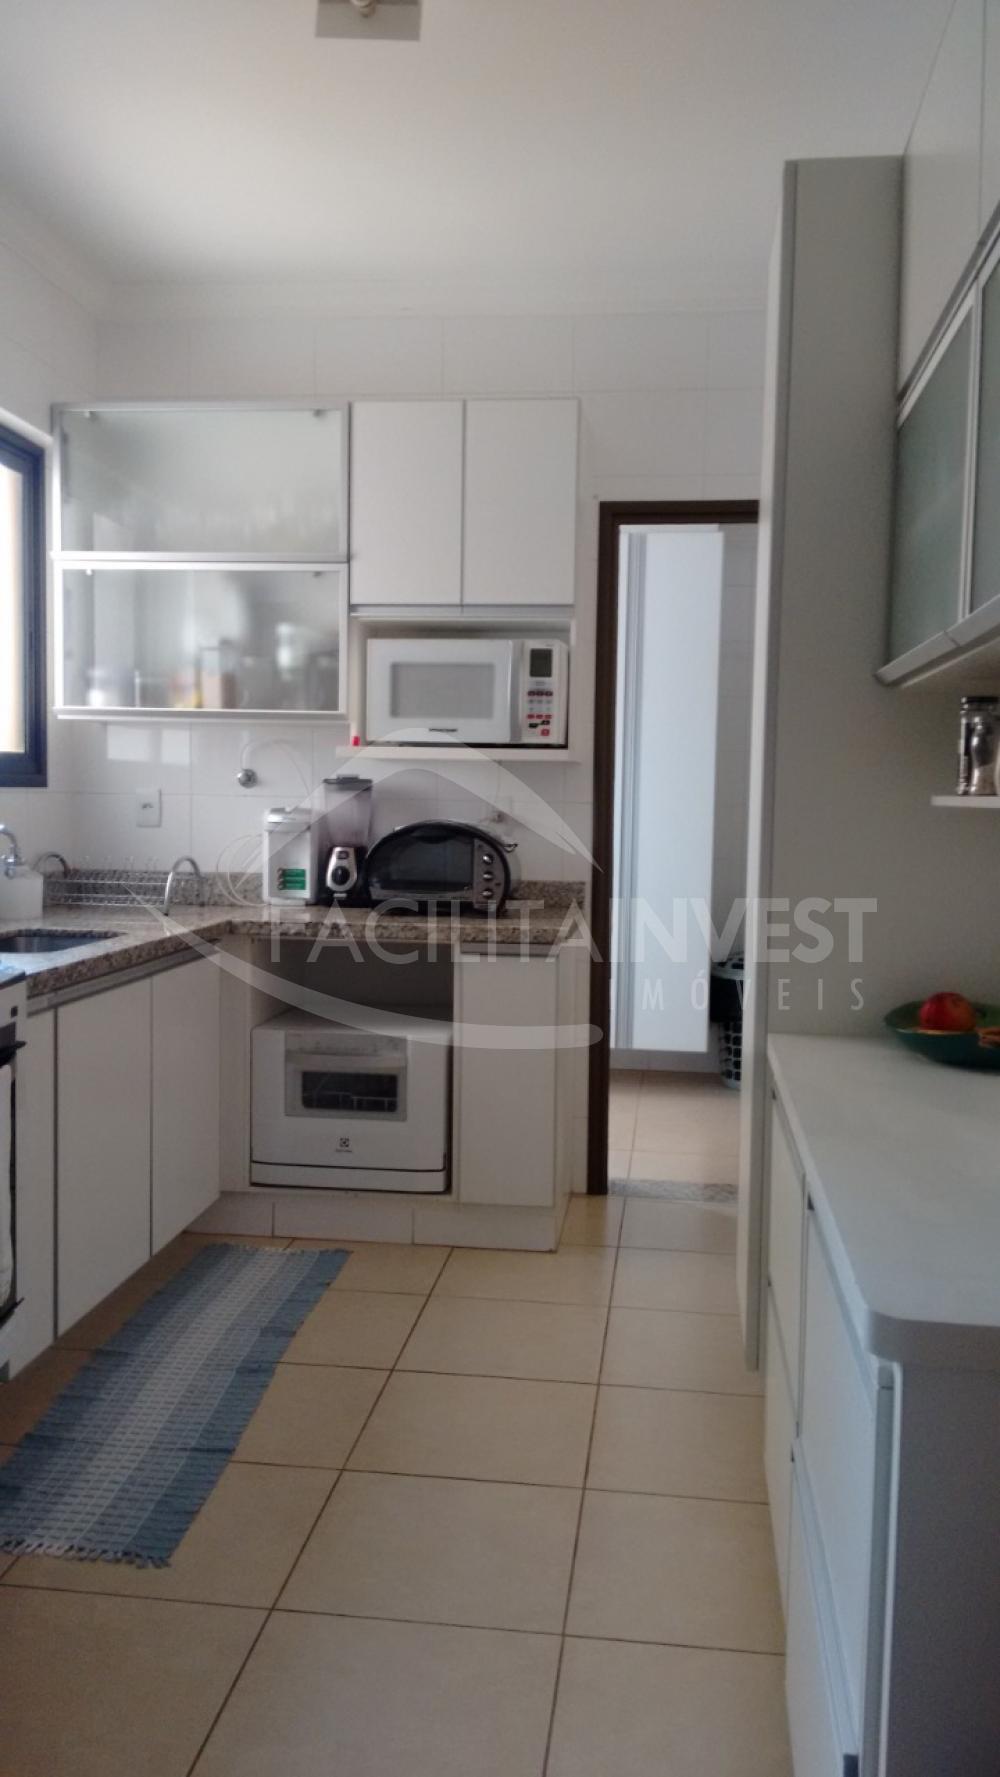 Comprar Apartamentos / Apart. Padrão em Ribeirão Preto apenas R$ 585.000,00 - Foto 3